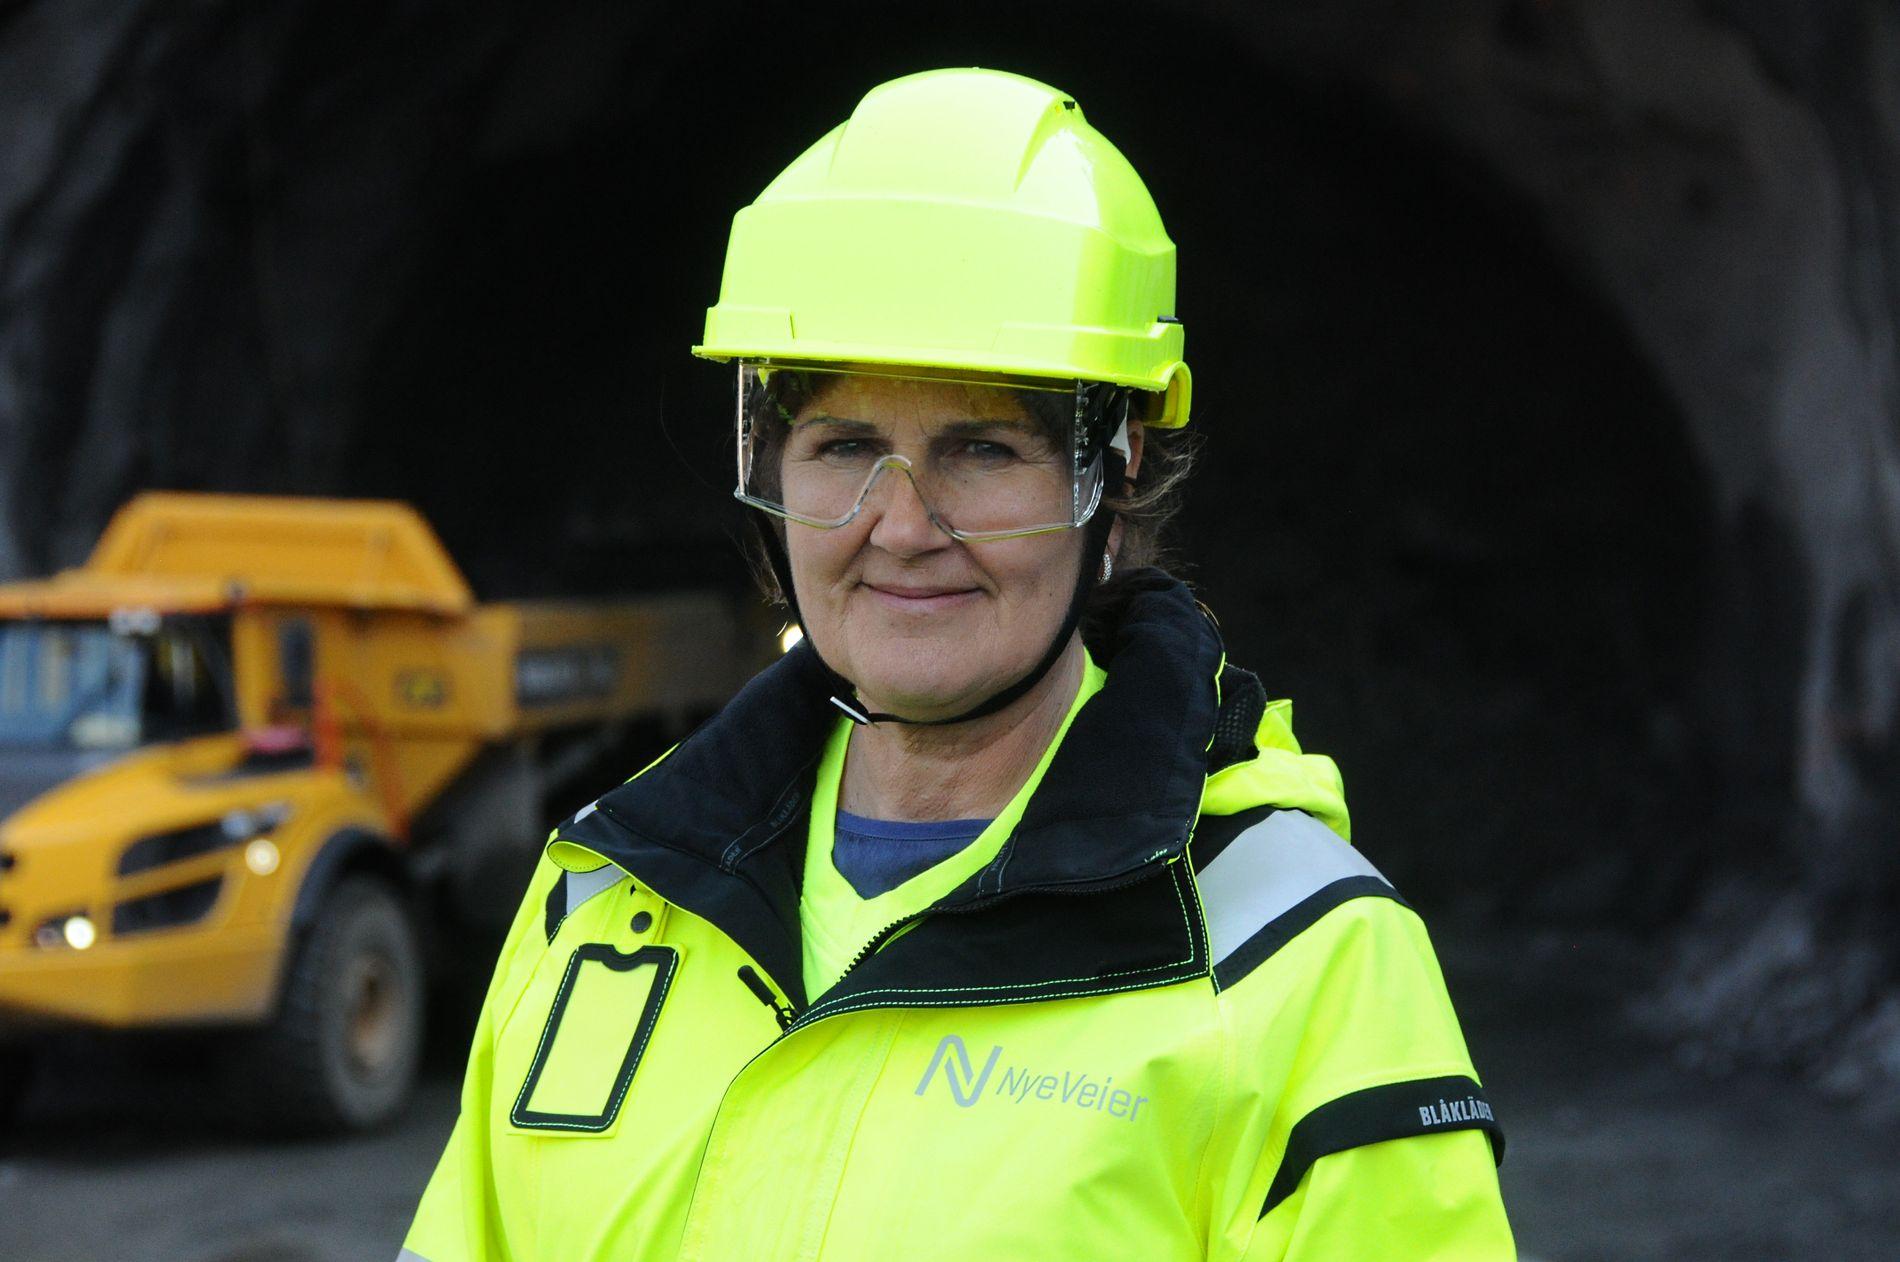 FORNØYD: Adm.direktør Ingrid Hovland i Nye Veier kan legge fram gode tall for virksomheten.